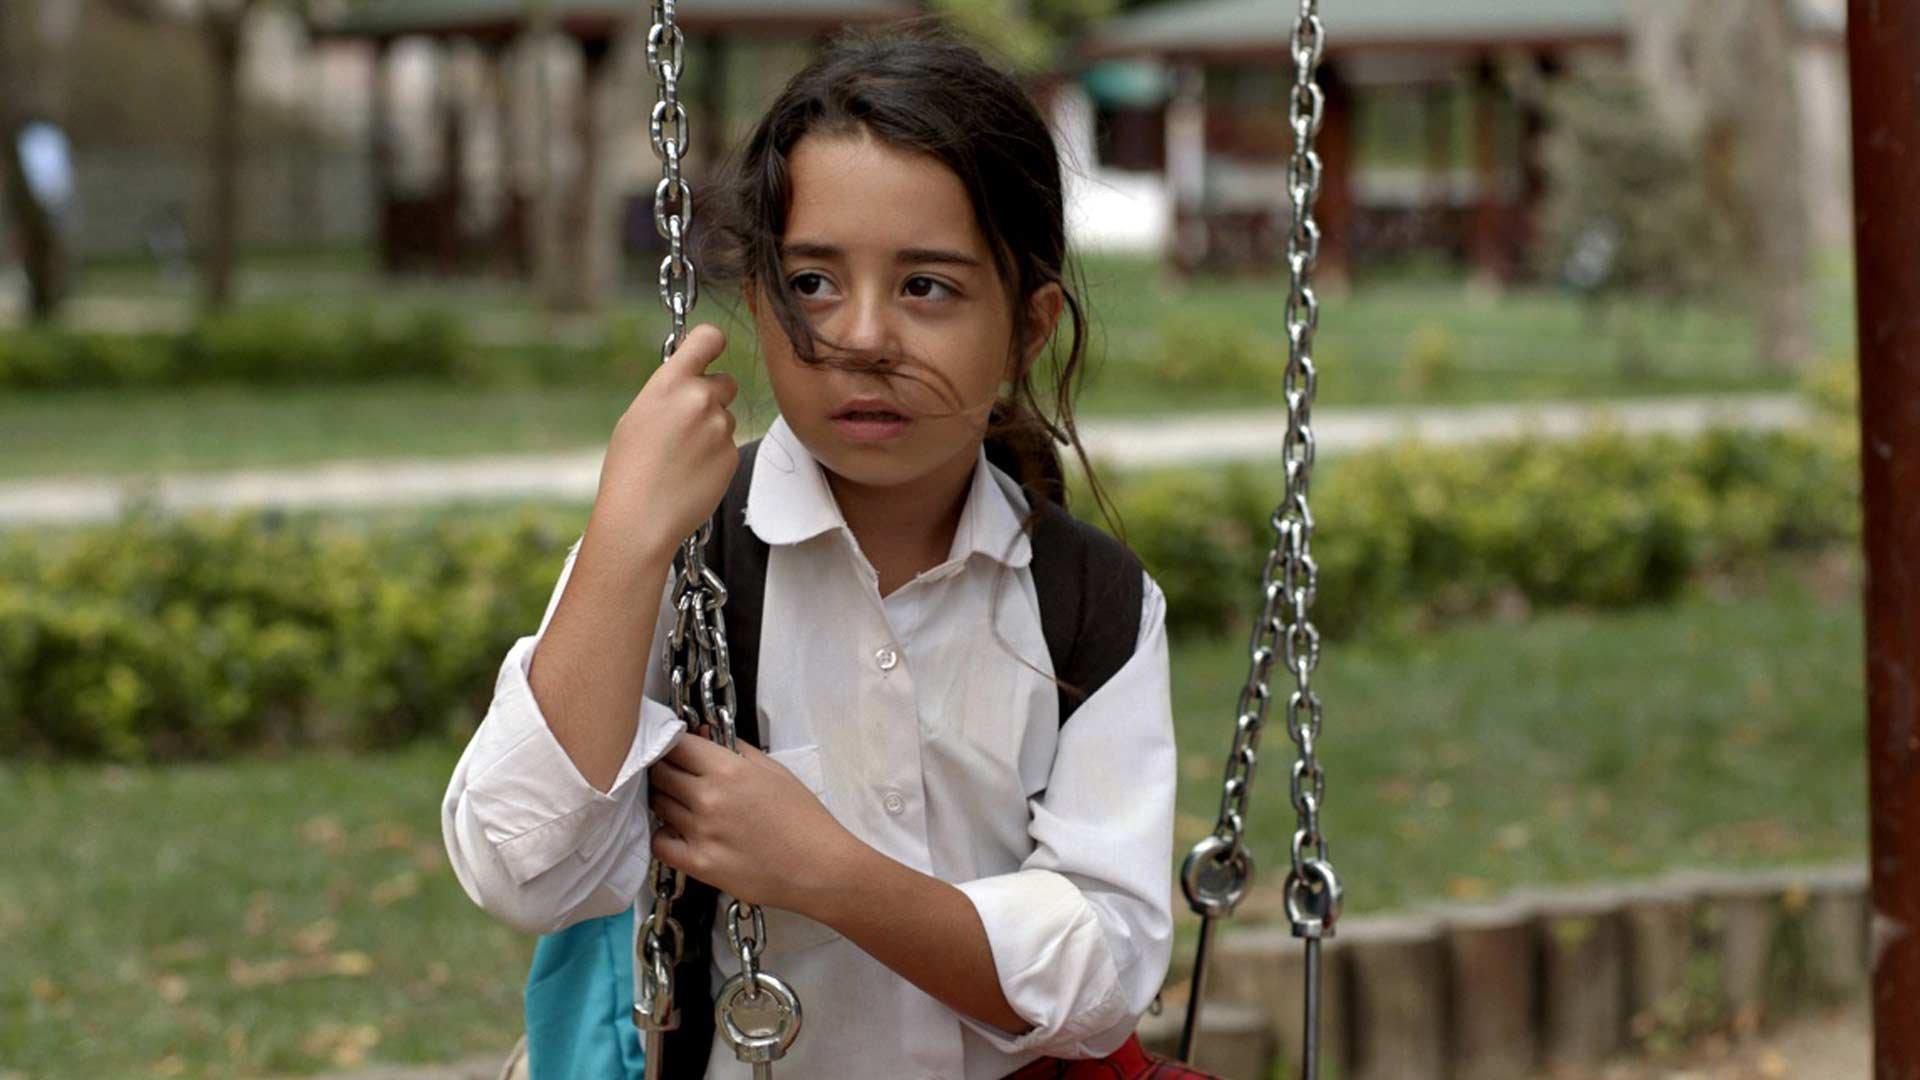 η κορη μου επεισοδια  η κορη μου σκαι  kizim η κορη μου επεισοδια  η κορη μου επεισοδιο 1  η κορη μου victory  η κορη μου υποθεση  η κορη μου σκαι επεισοδια  η κορη μου kizim